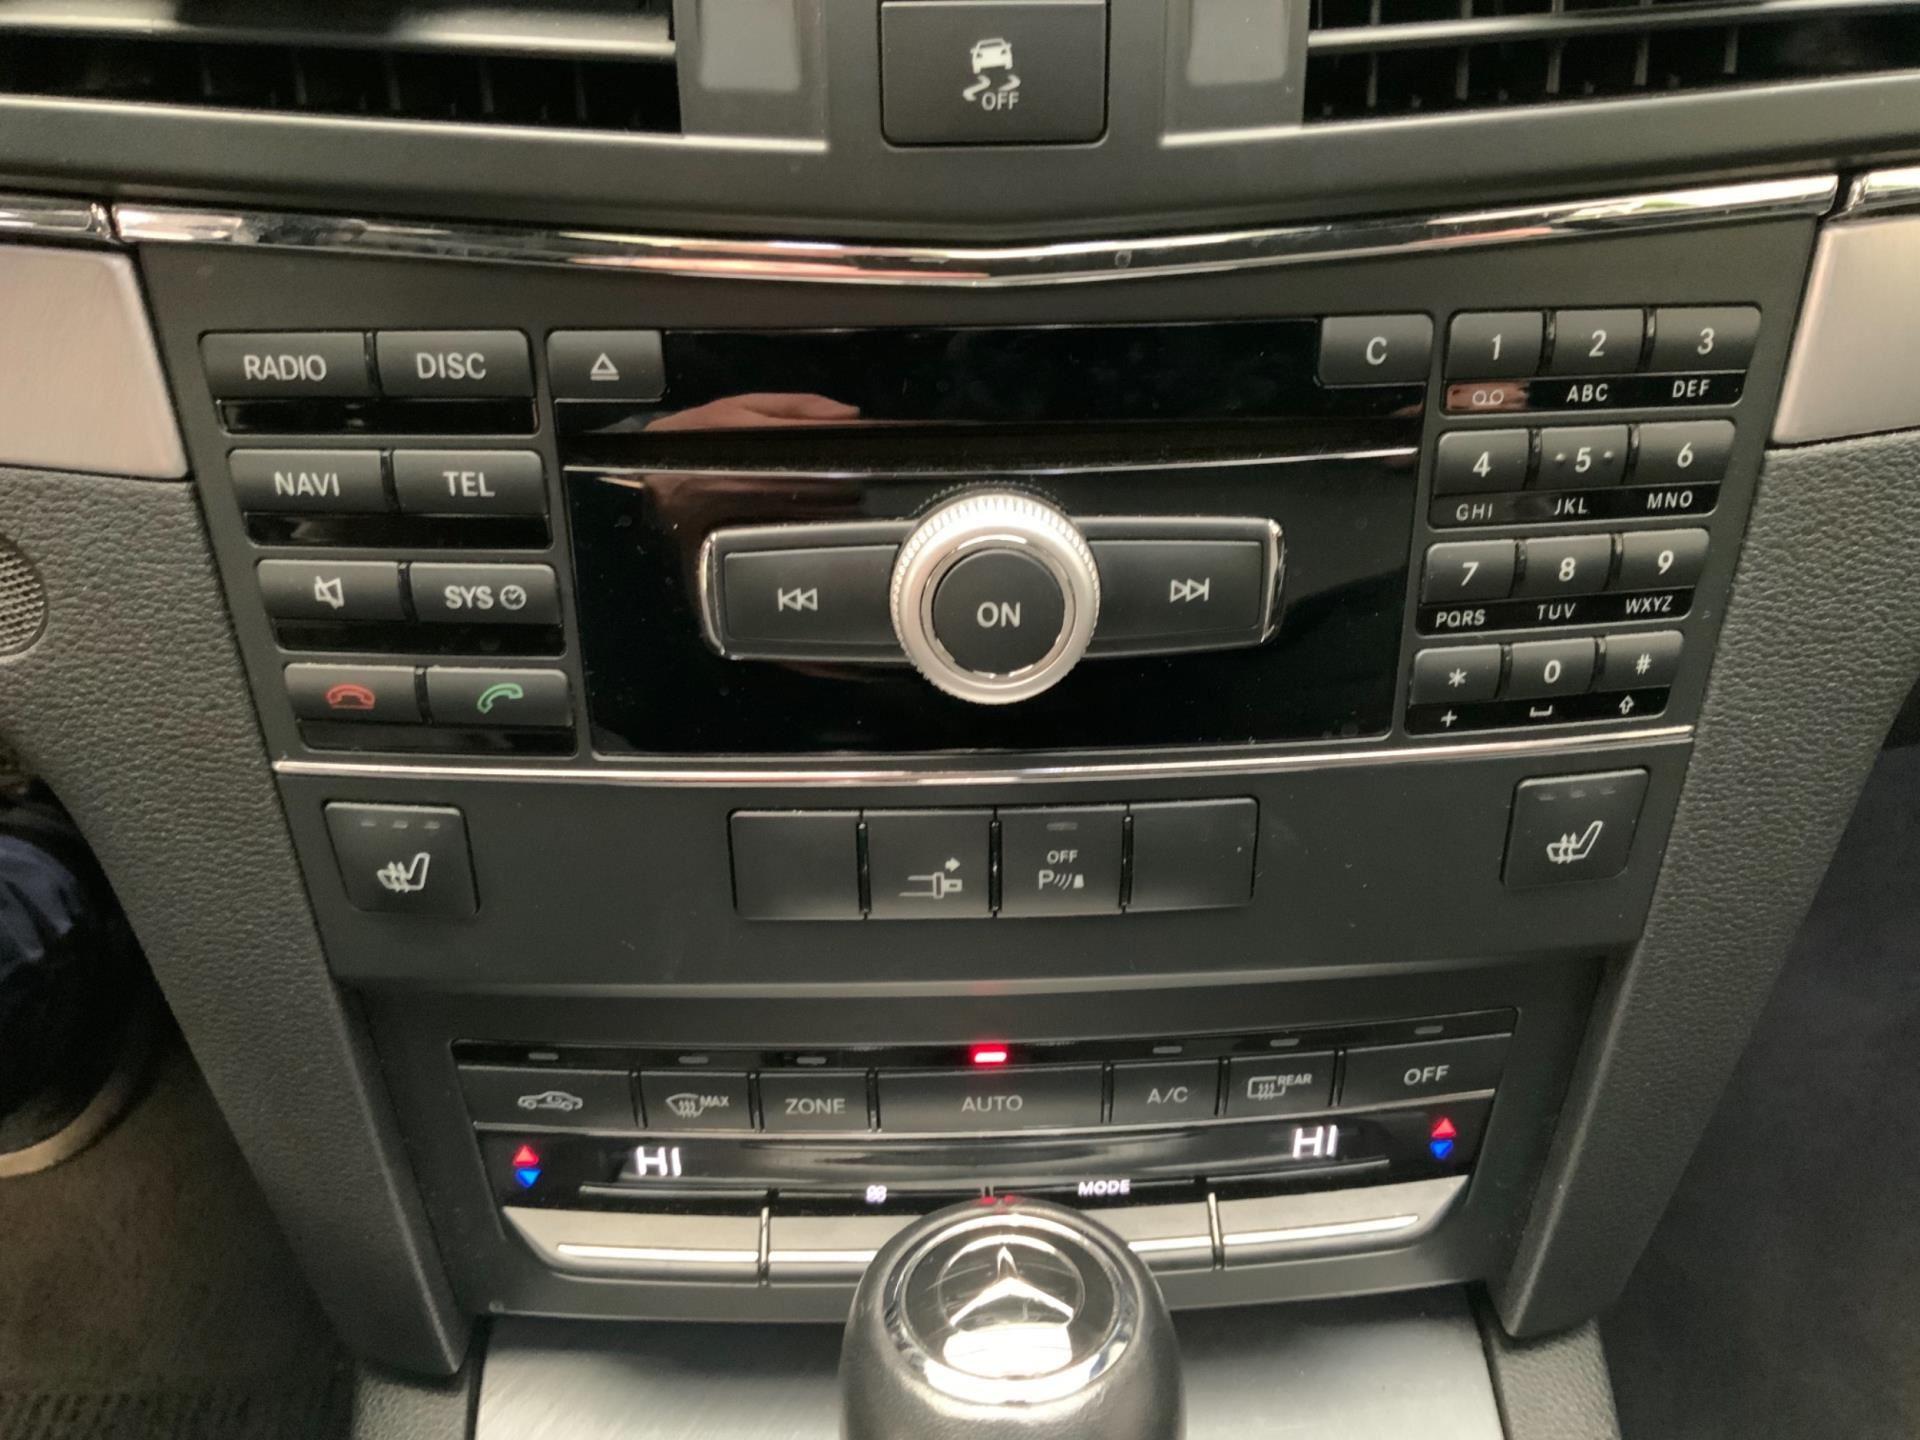 Mercedes-Benz E-klasse Coup occasion - Van De Kooy Dealer Occasions Opmeer